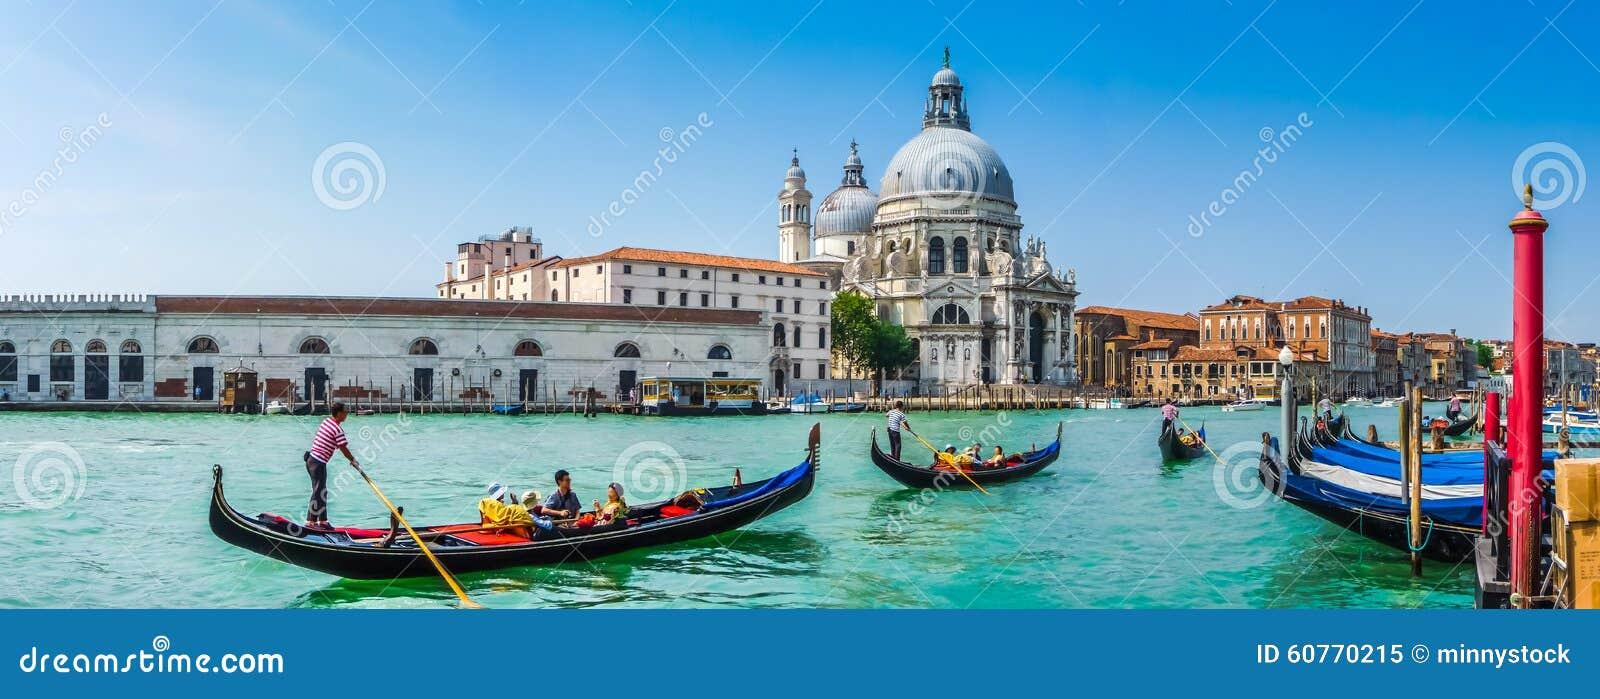 Gondole sul canale grande con i Di Santa Maria, Venezia, Italia della basilica